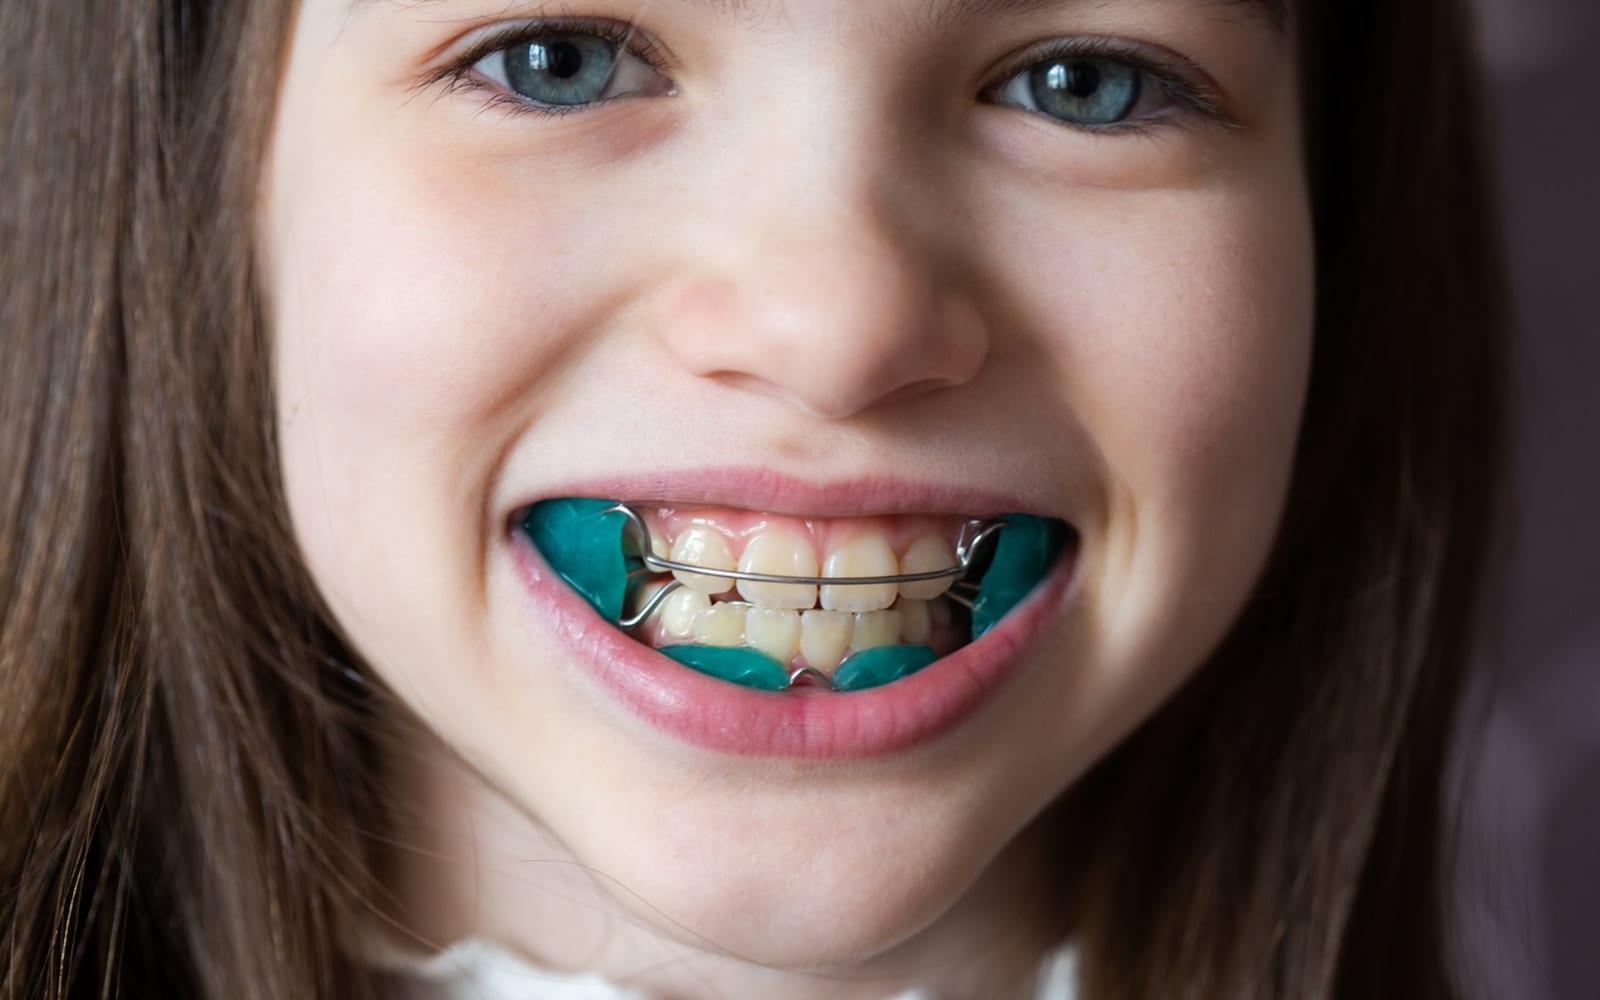 Child With Orthodontics